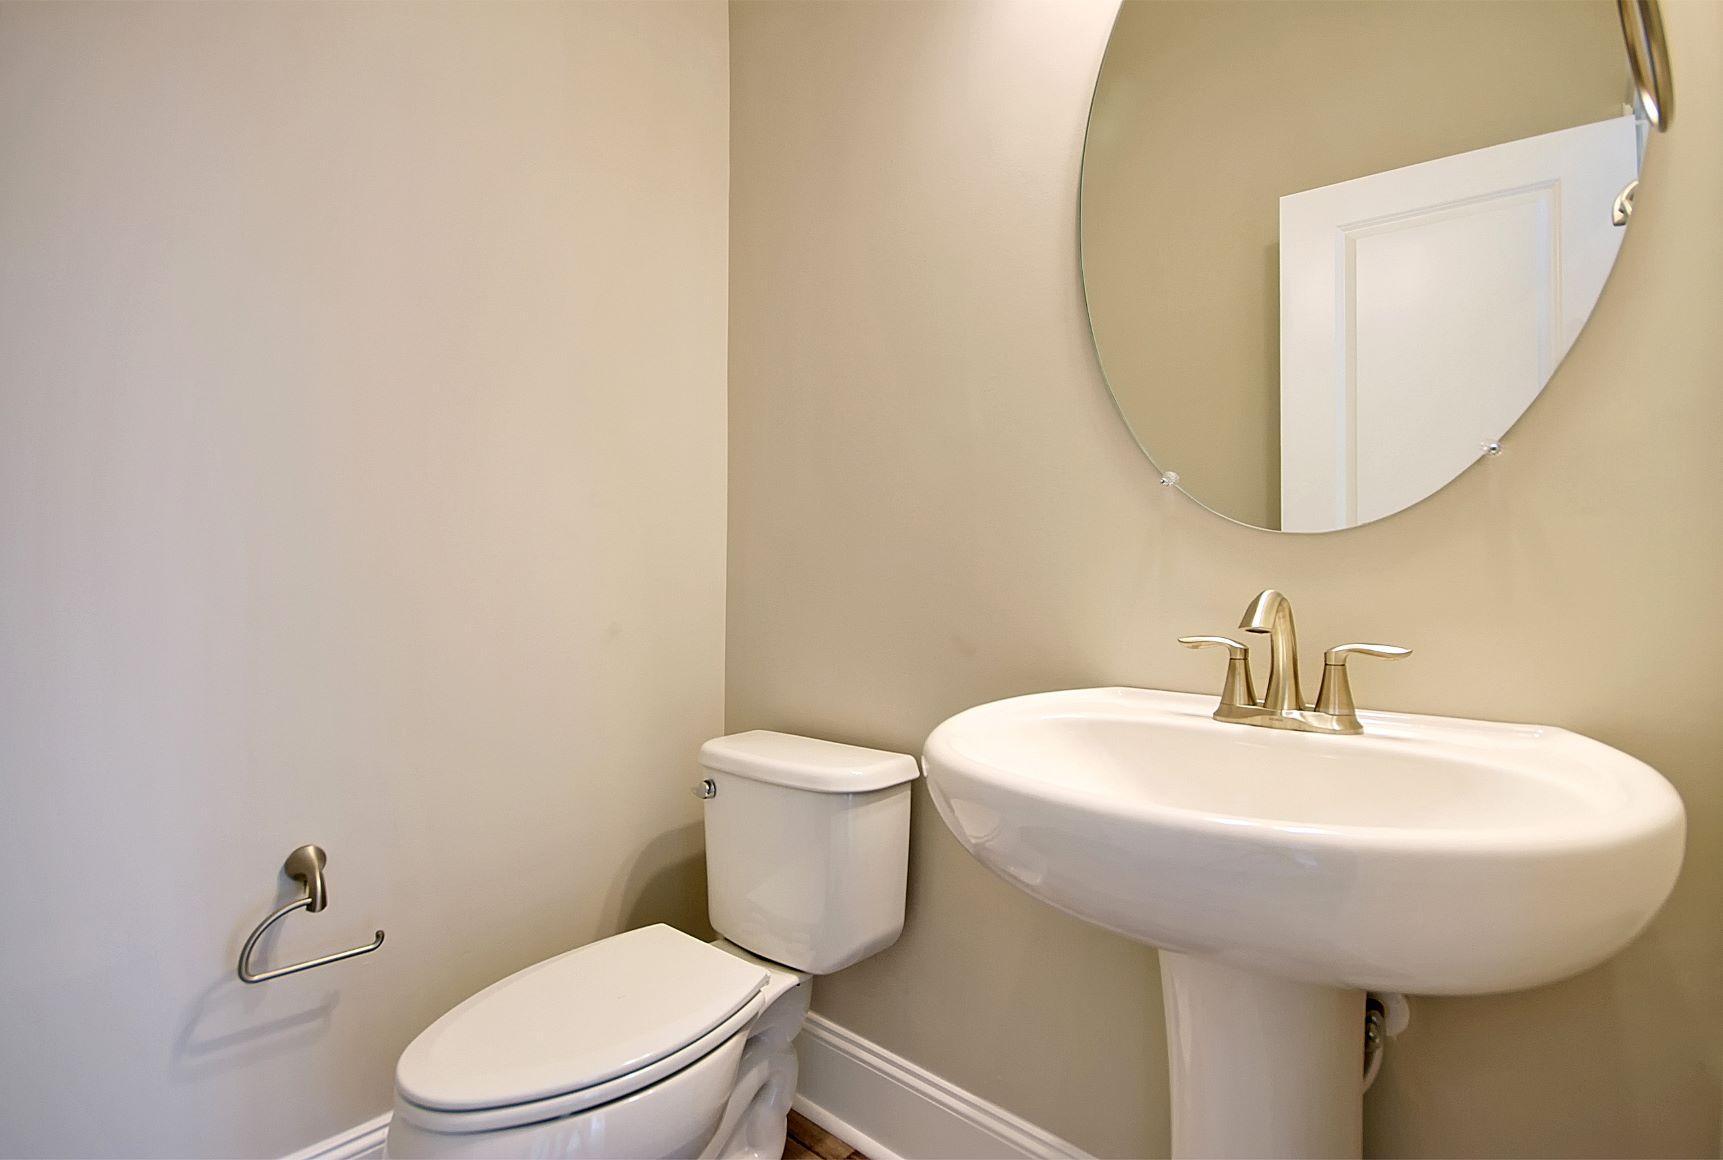 Kings Flats Homes For Sale - 121 Alder, Charleston, SC - 31